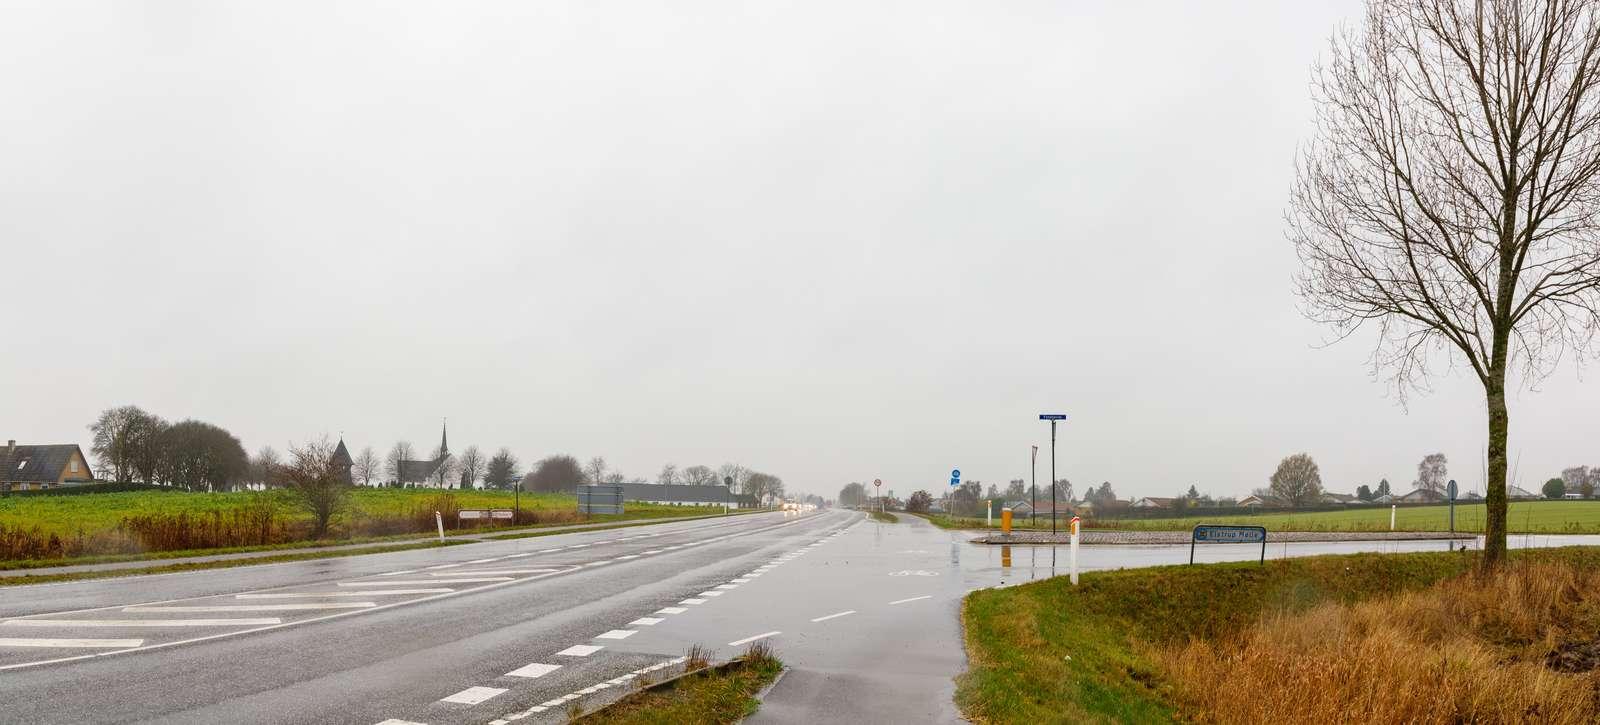 KommuneNyheder - Vejregulering ved Guderup må udskydes